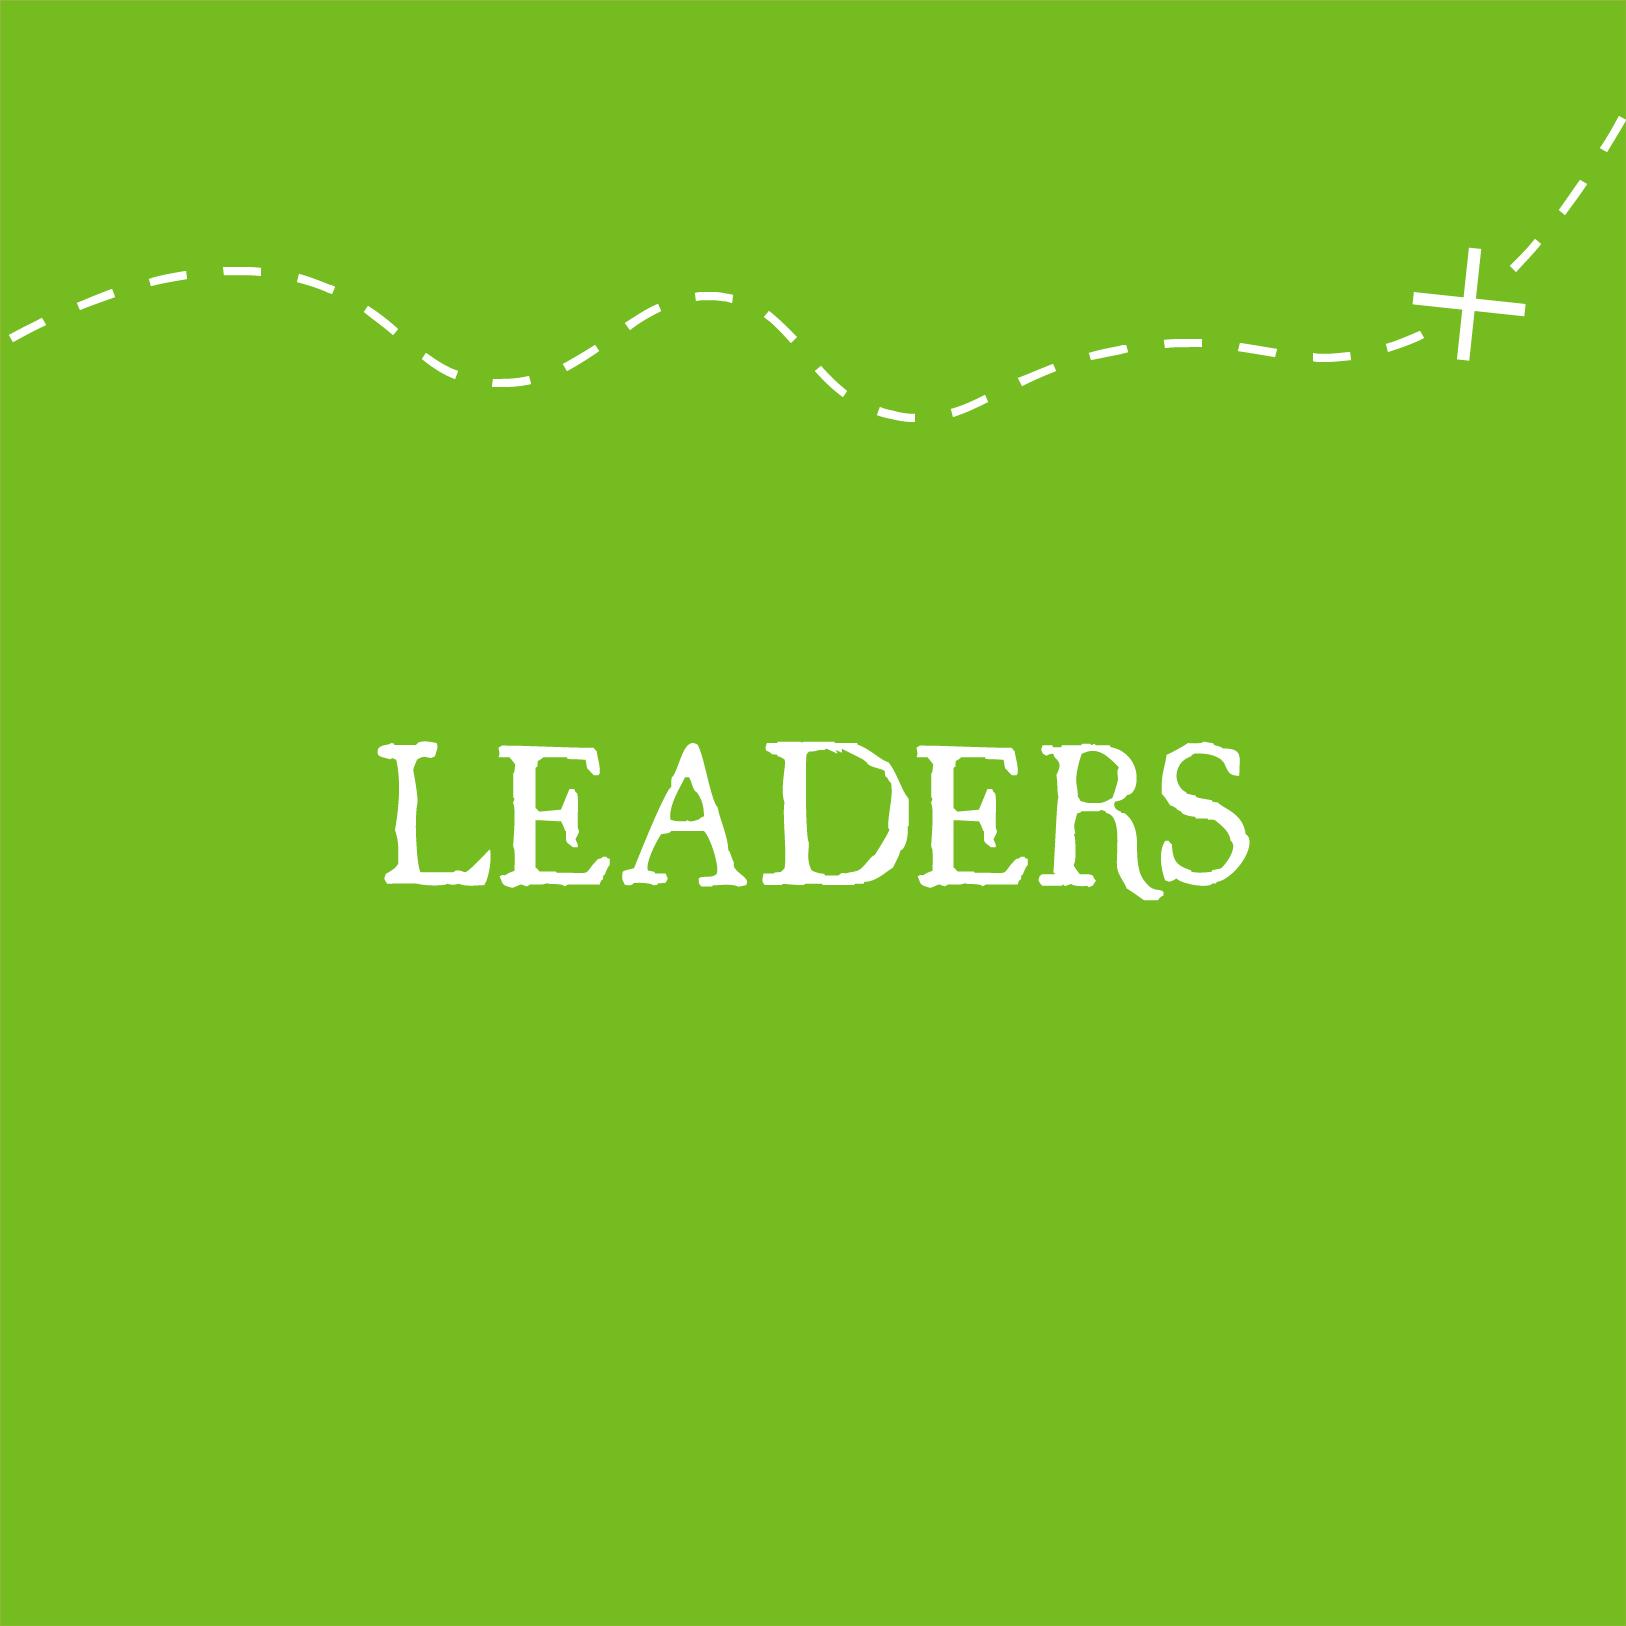 VBS Leaders